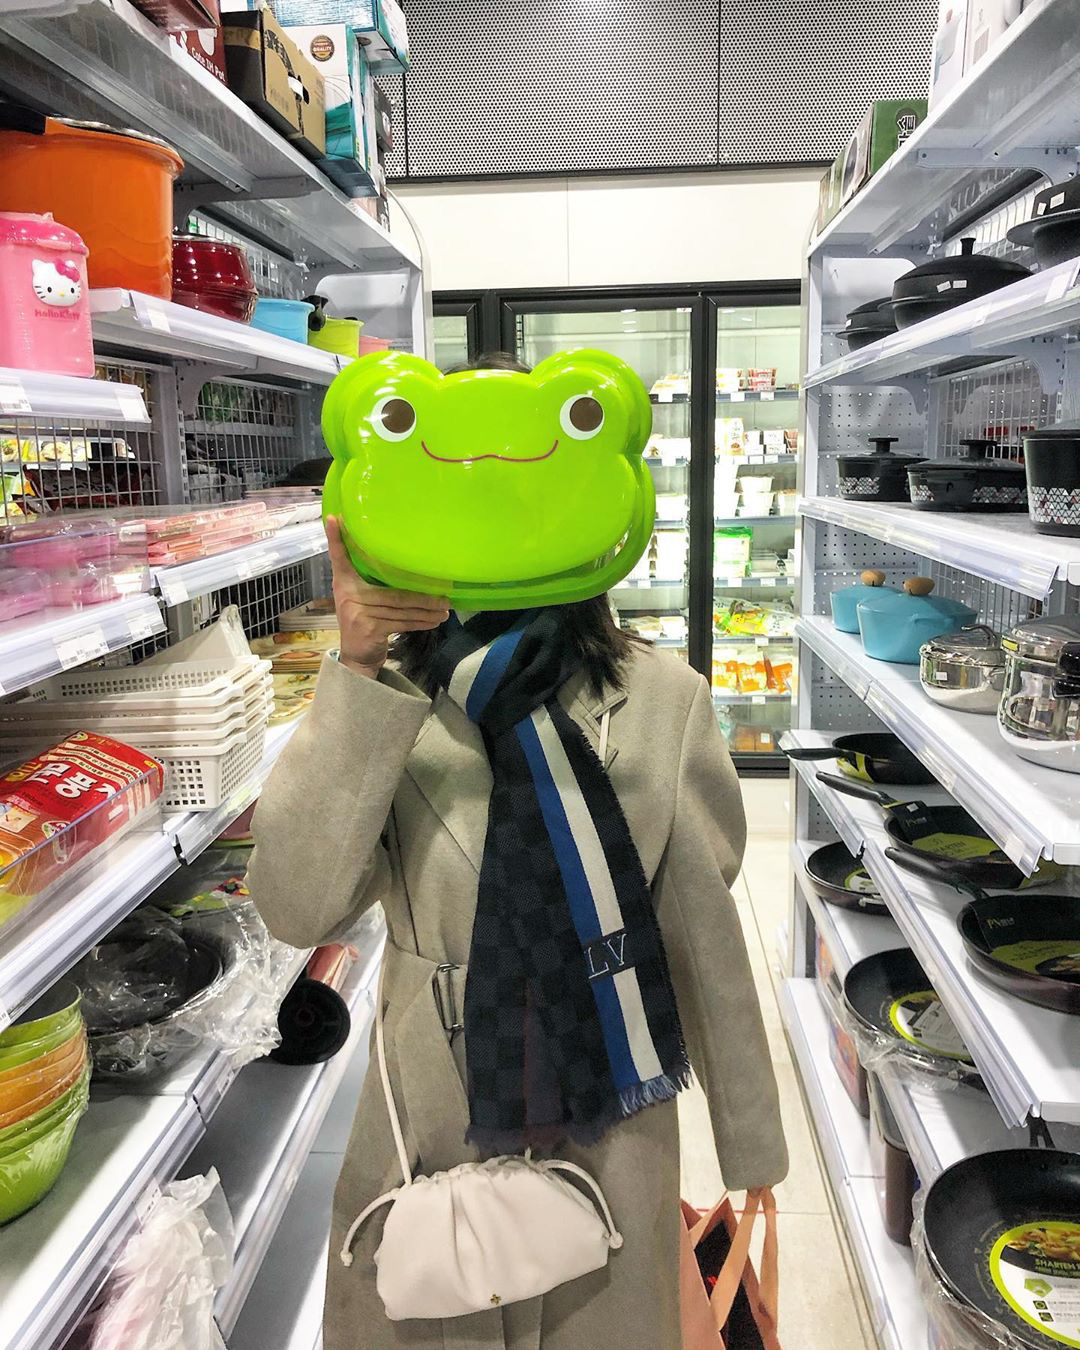 Rocker Nguyễn tình tứ chúc mừng sinh nhật người yêu, sẵn khoe luôn biệt danh của nàng là bé ếch - Ảnh 5.